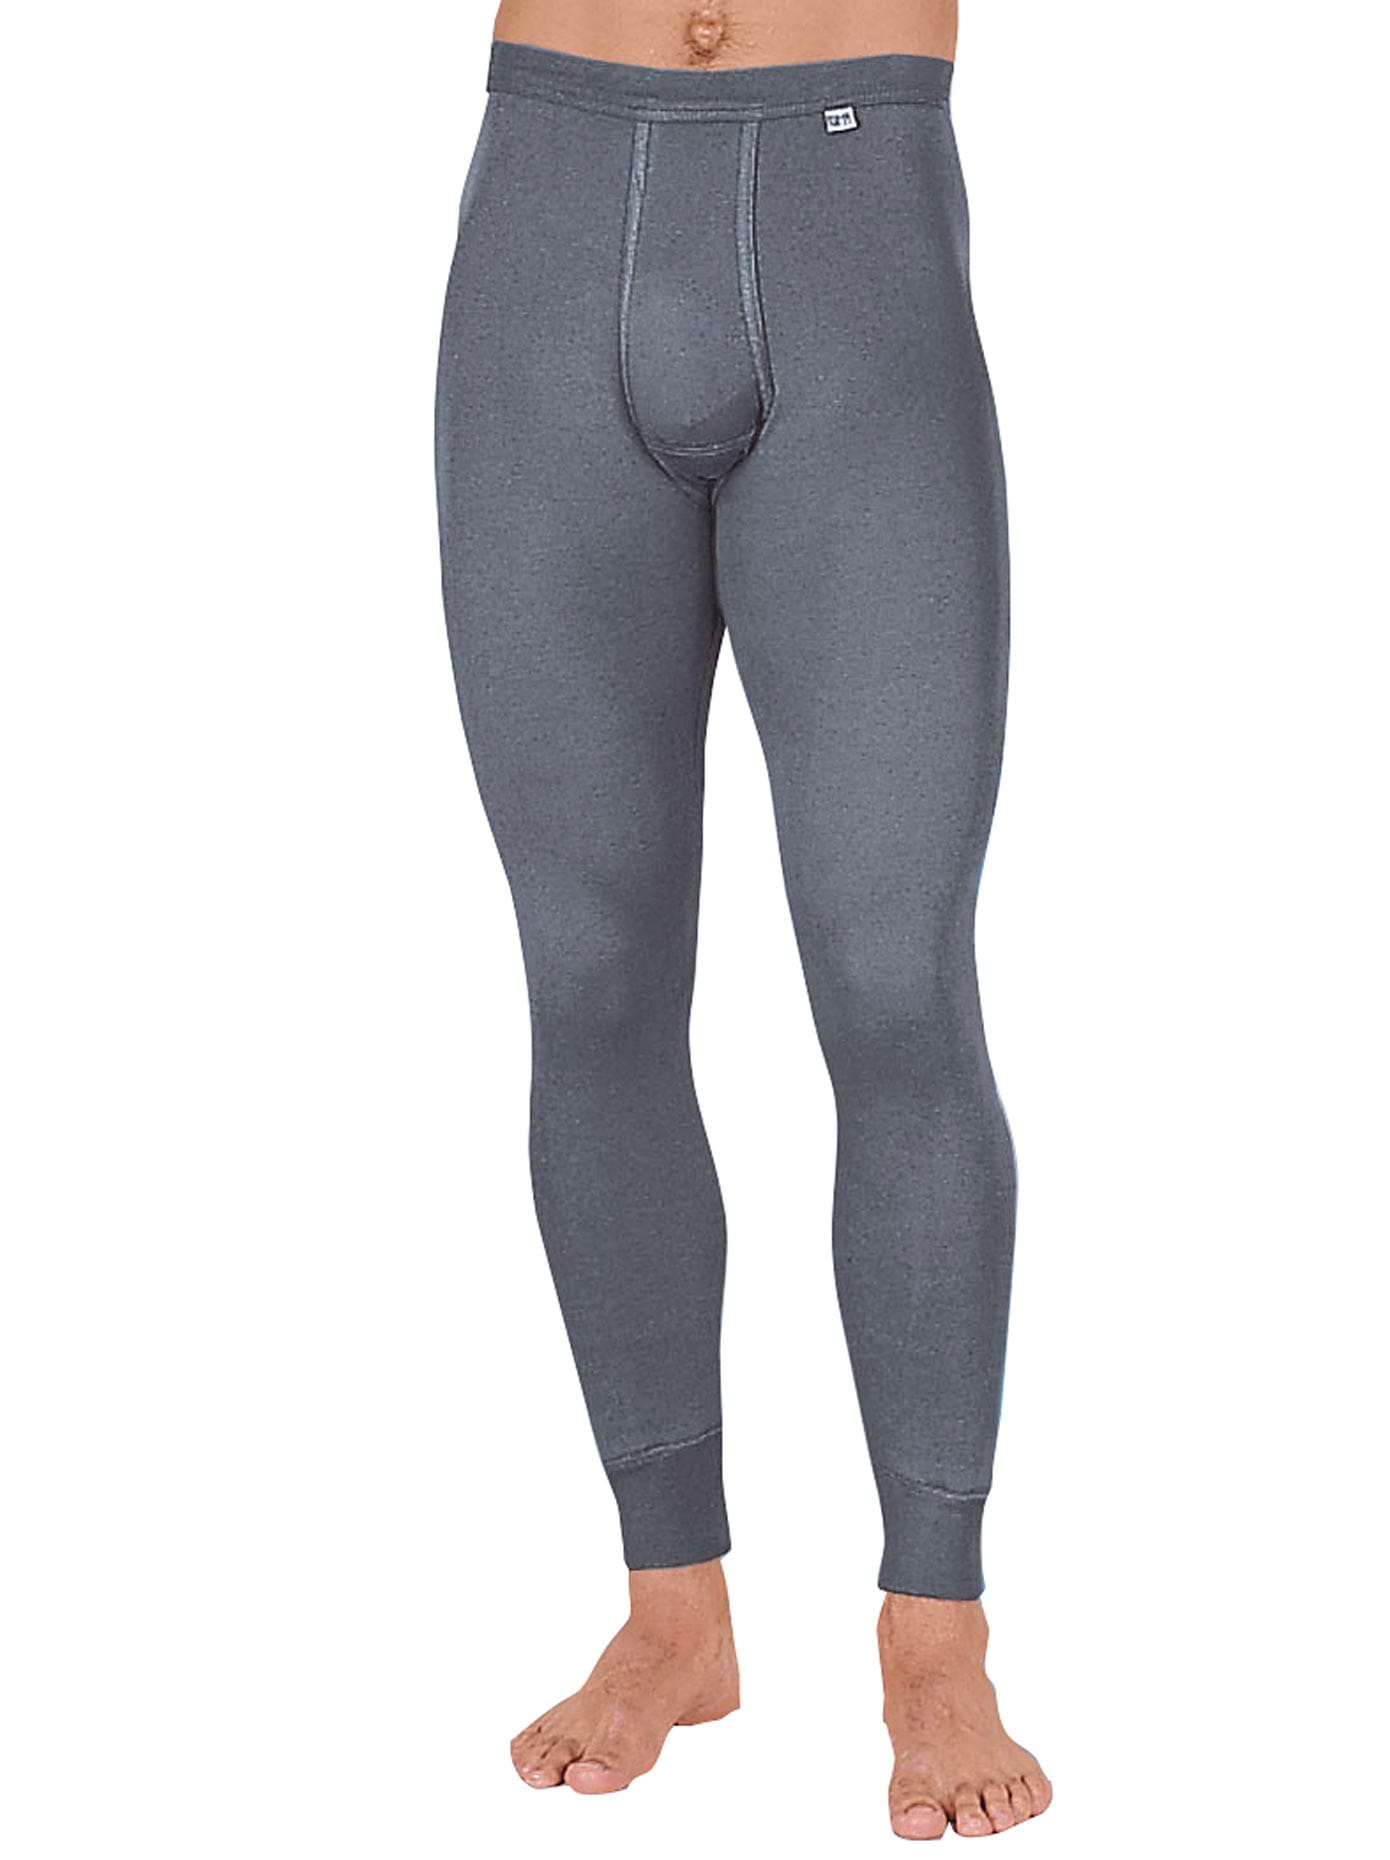 KUMPF Lange Unterhose, (1 St.) grau Herren Unterhosen Herrenwäsche Unterhose